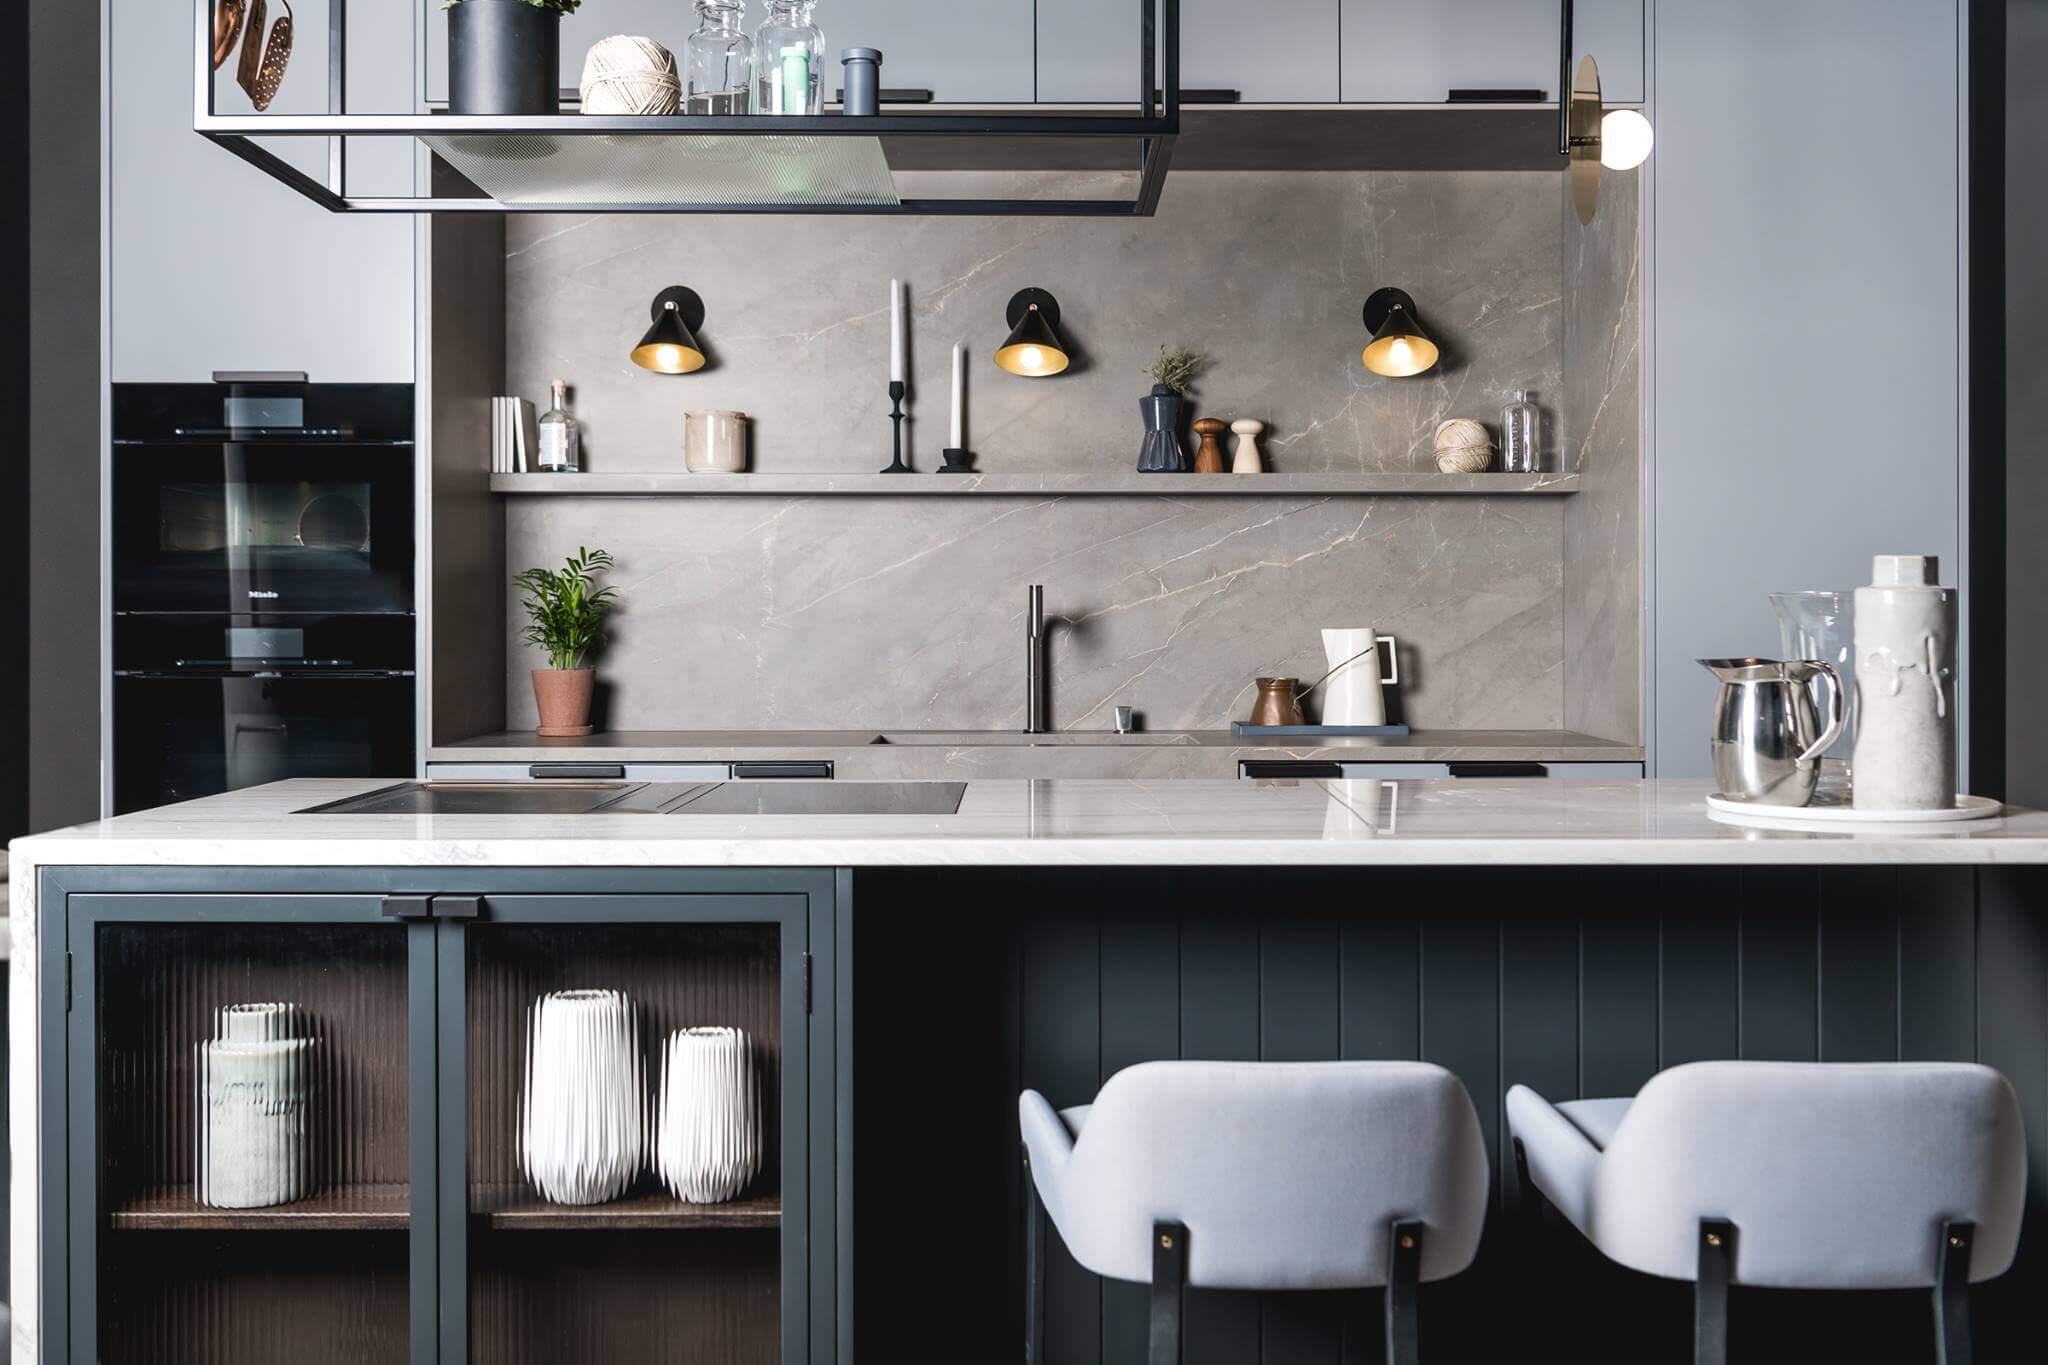 Modern Kitchen with Island in Darker Colours